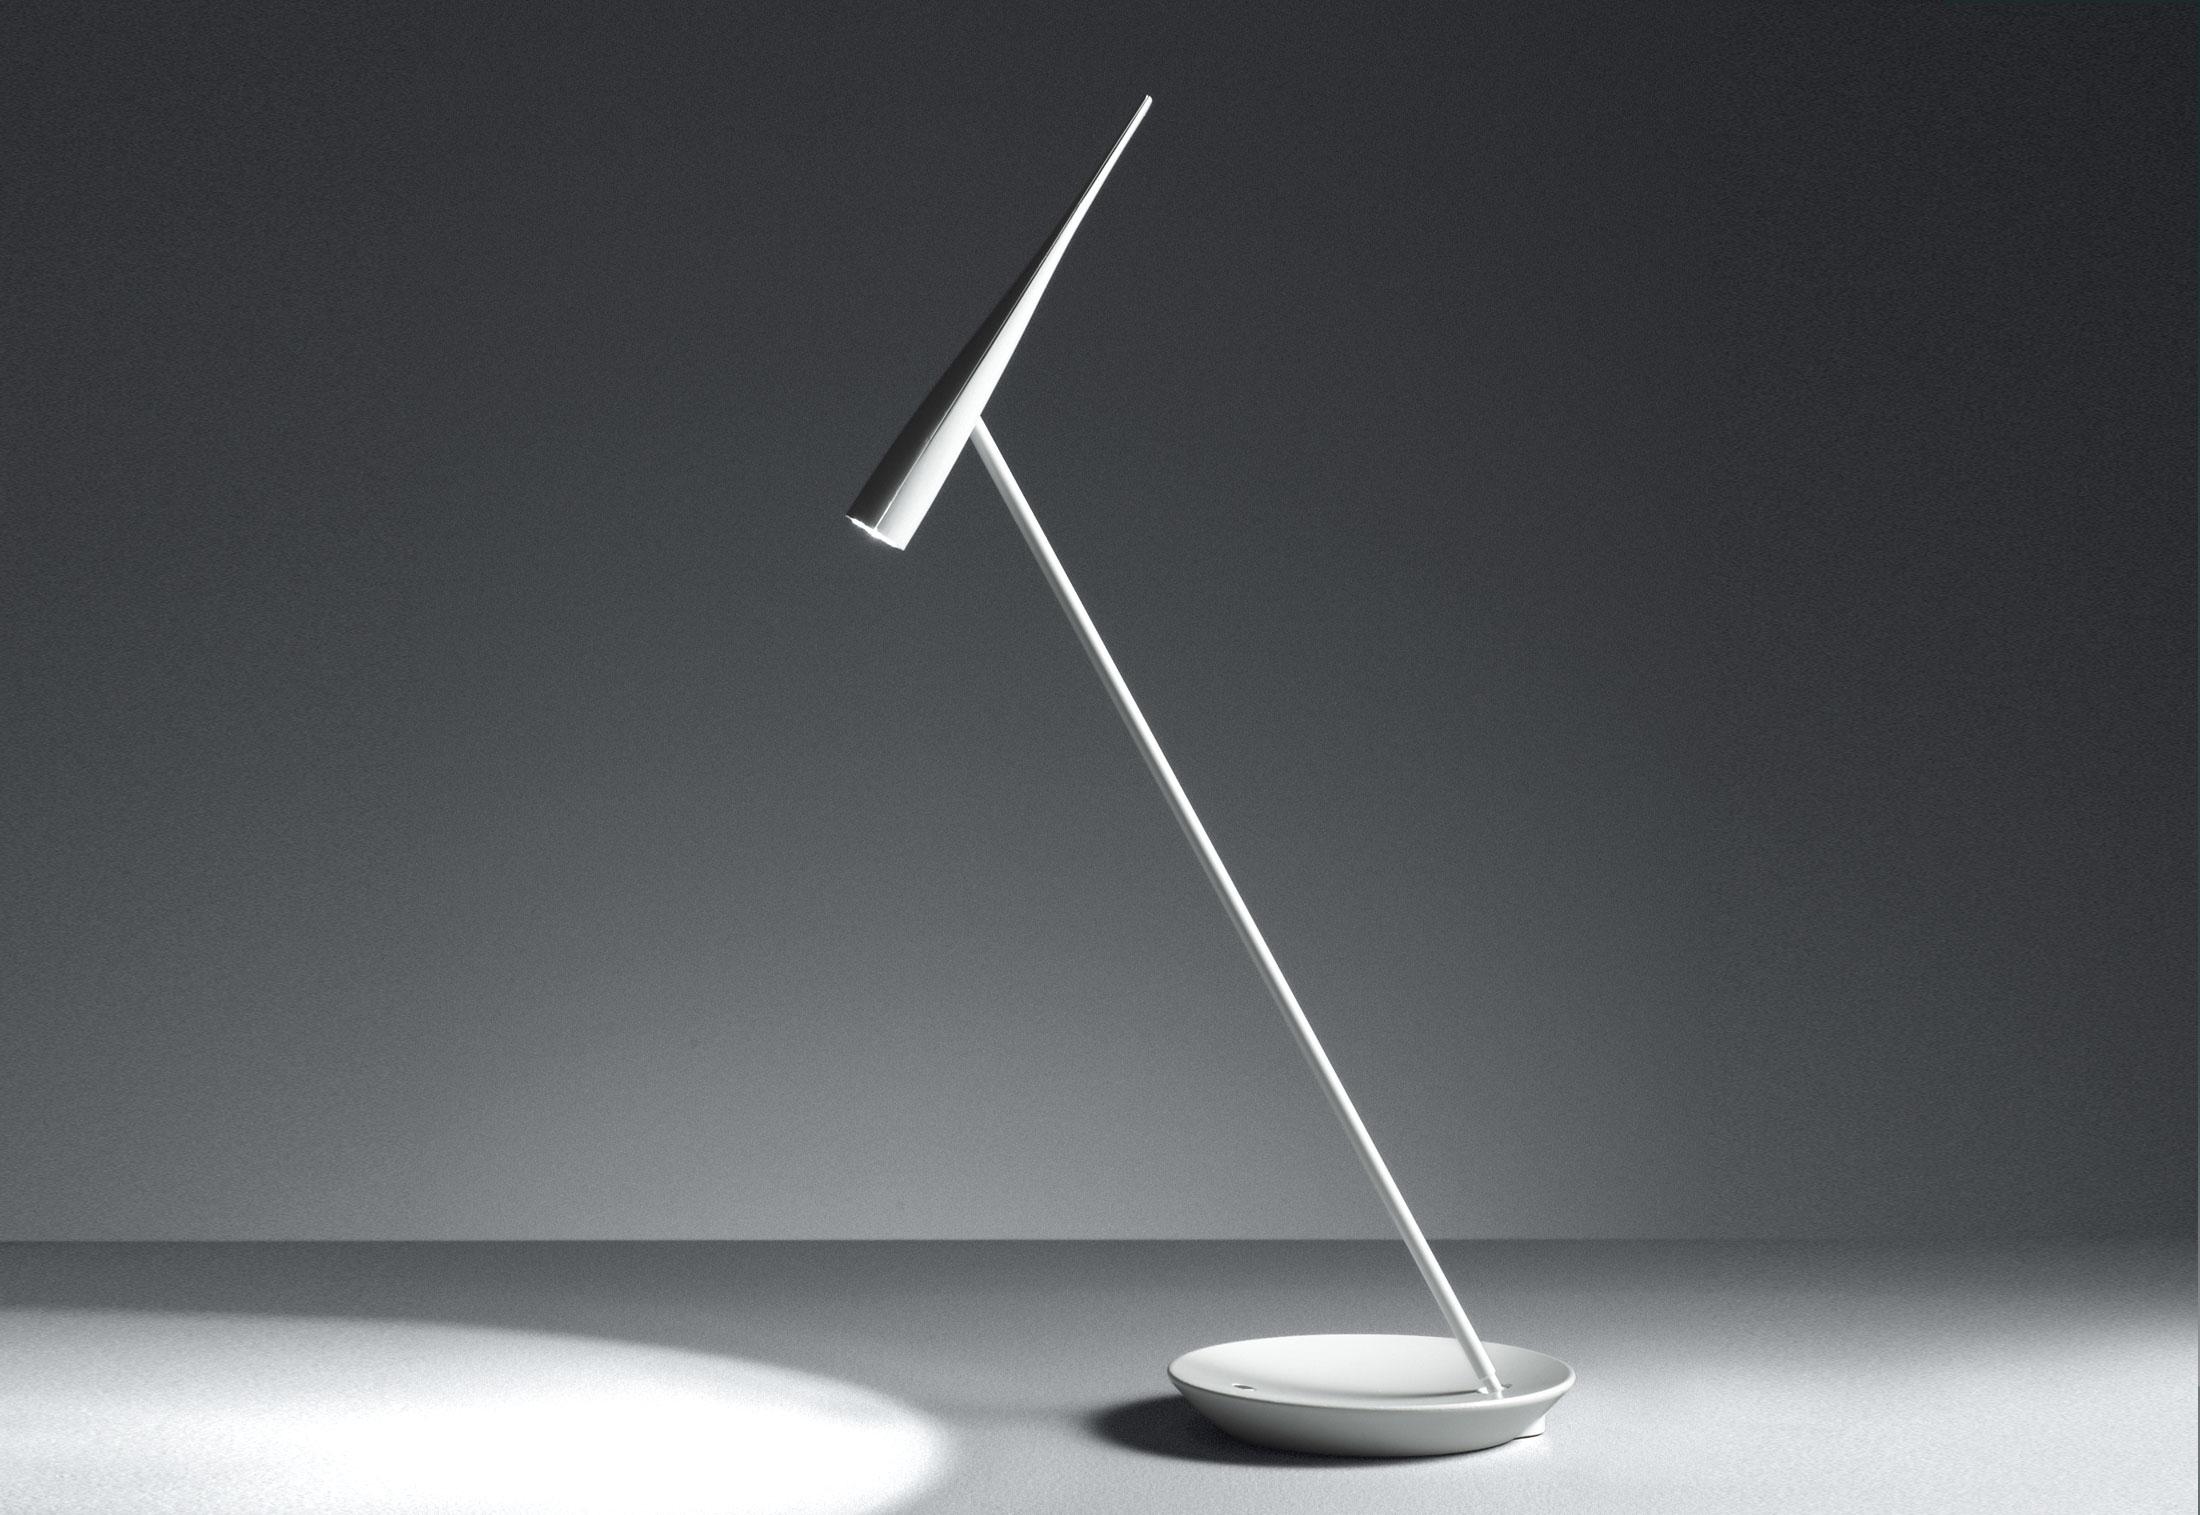 Egle di artemide lampade da tavolo illuminazione - Lampade da tavolo artemide ...